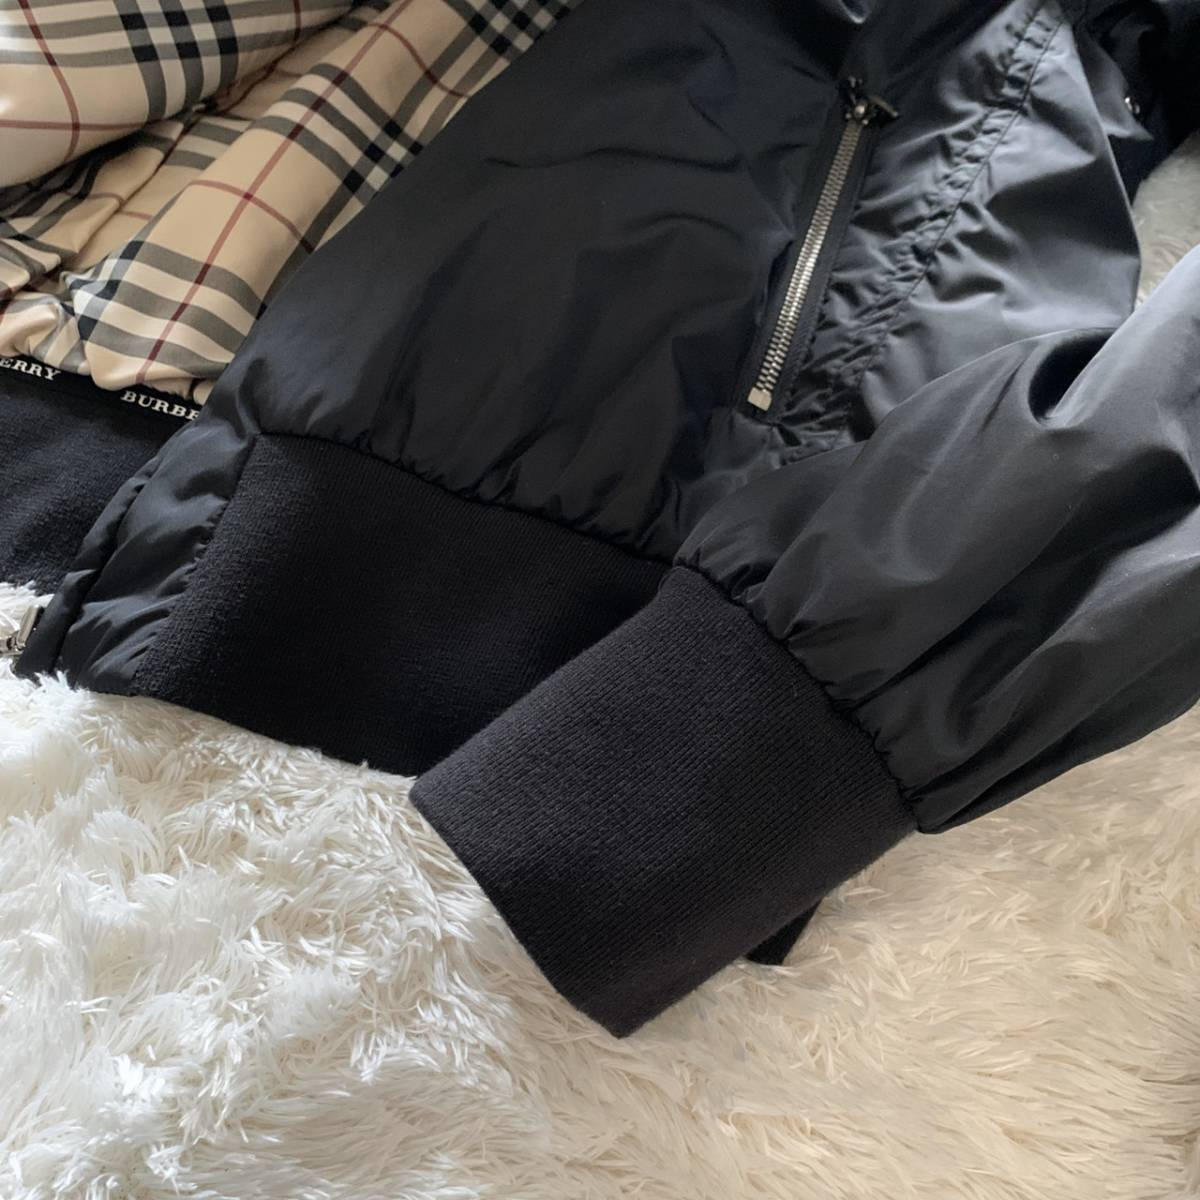 極美品 バーバリーロンドン ナイロン ジャケット ブラック 黒 38 レディース ブルゾン MA-1 フード付き ノバチェック BURBERRY LONDON_画像3